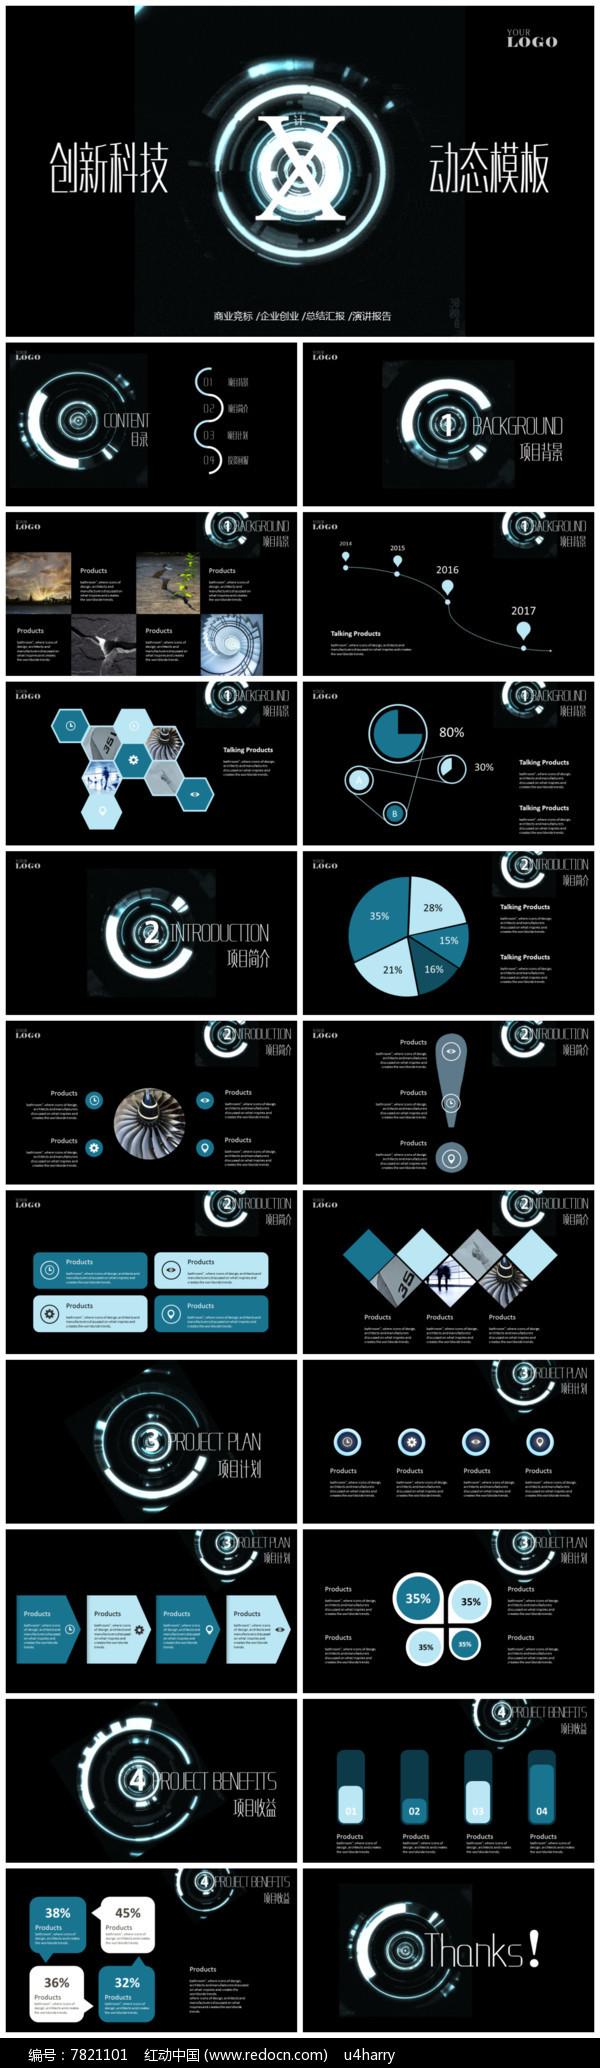 酷炫动态背景科幻商务模板ppt素材下载(编号7821101)图片